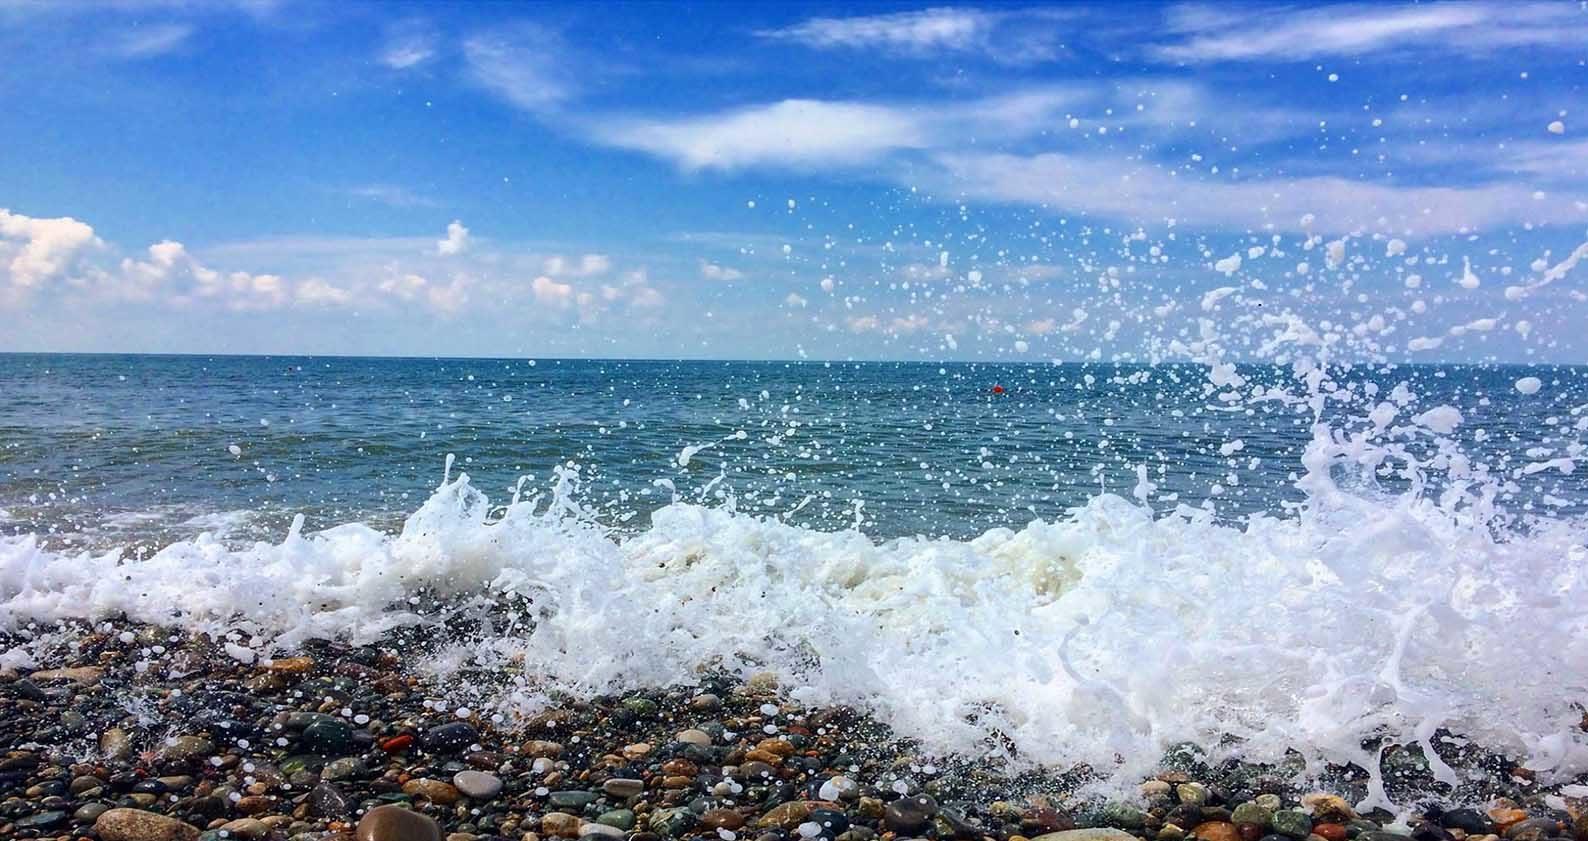 ساحل دریای بندر نوشهر راهنمای سفر به نوشهر